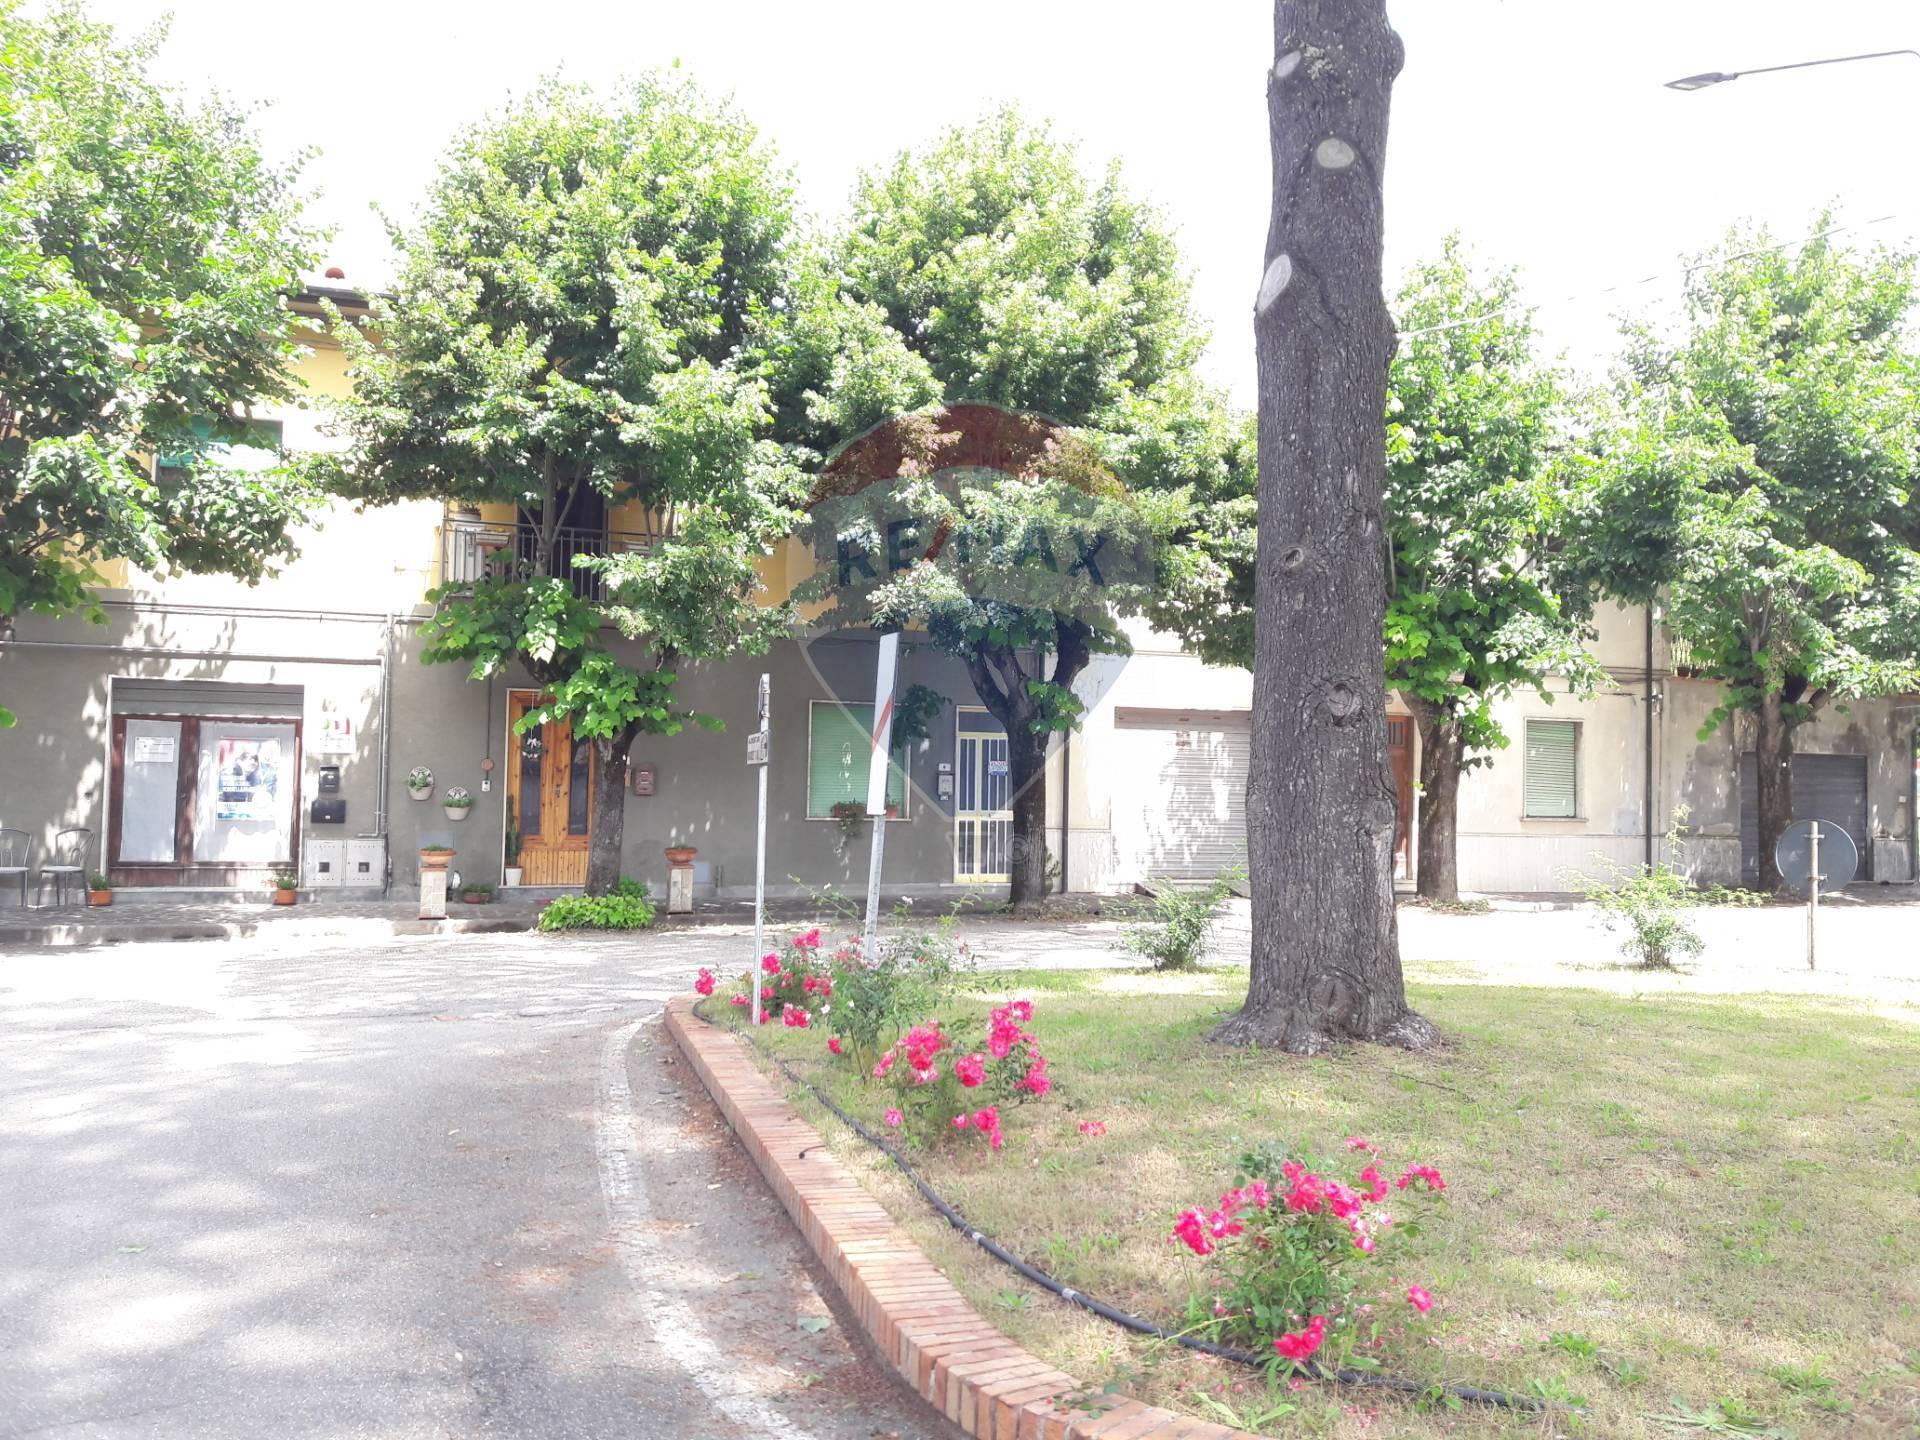 Appartamento in vendita a Montecatini Val di Cecina, 4 locali, zona Zona: Ponteginori, prezzo € 140.000 | CambioCasa.it